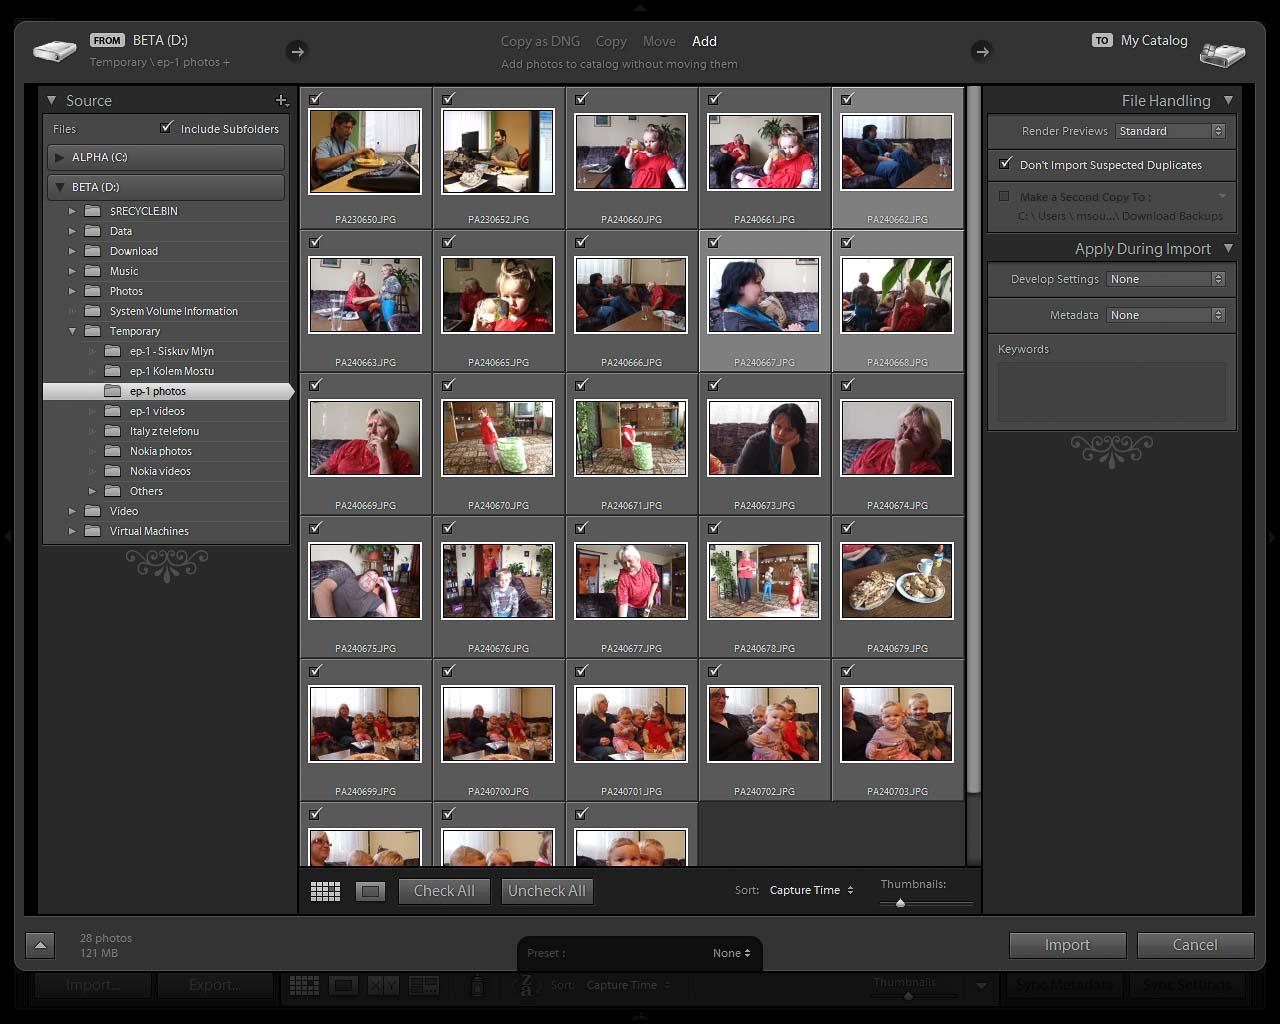 Import fotografií do Adobe Photoshop Lightroom 3